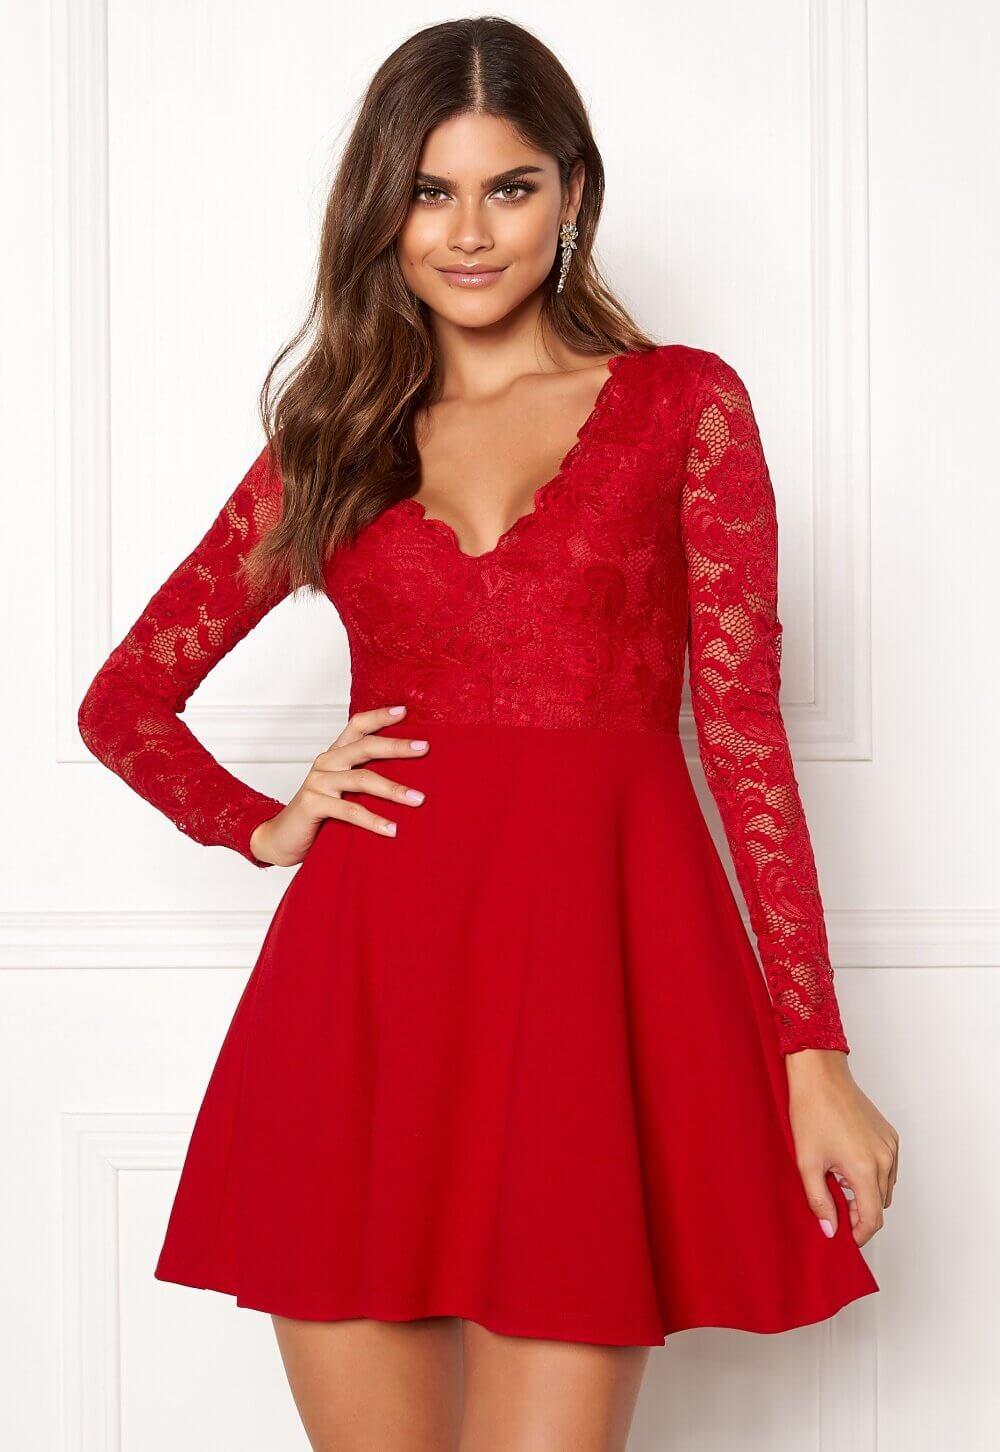 En kort röd klänning med spetsklädd överdel.